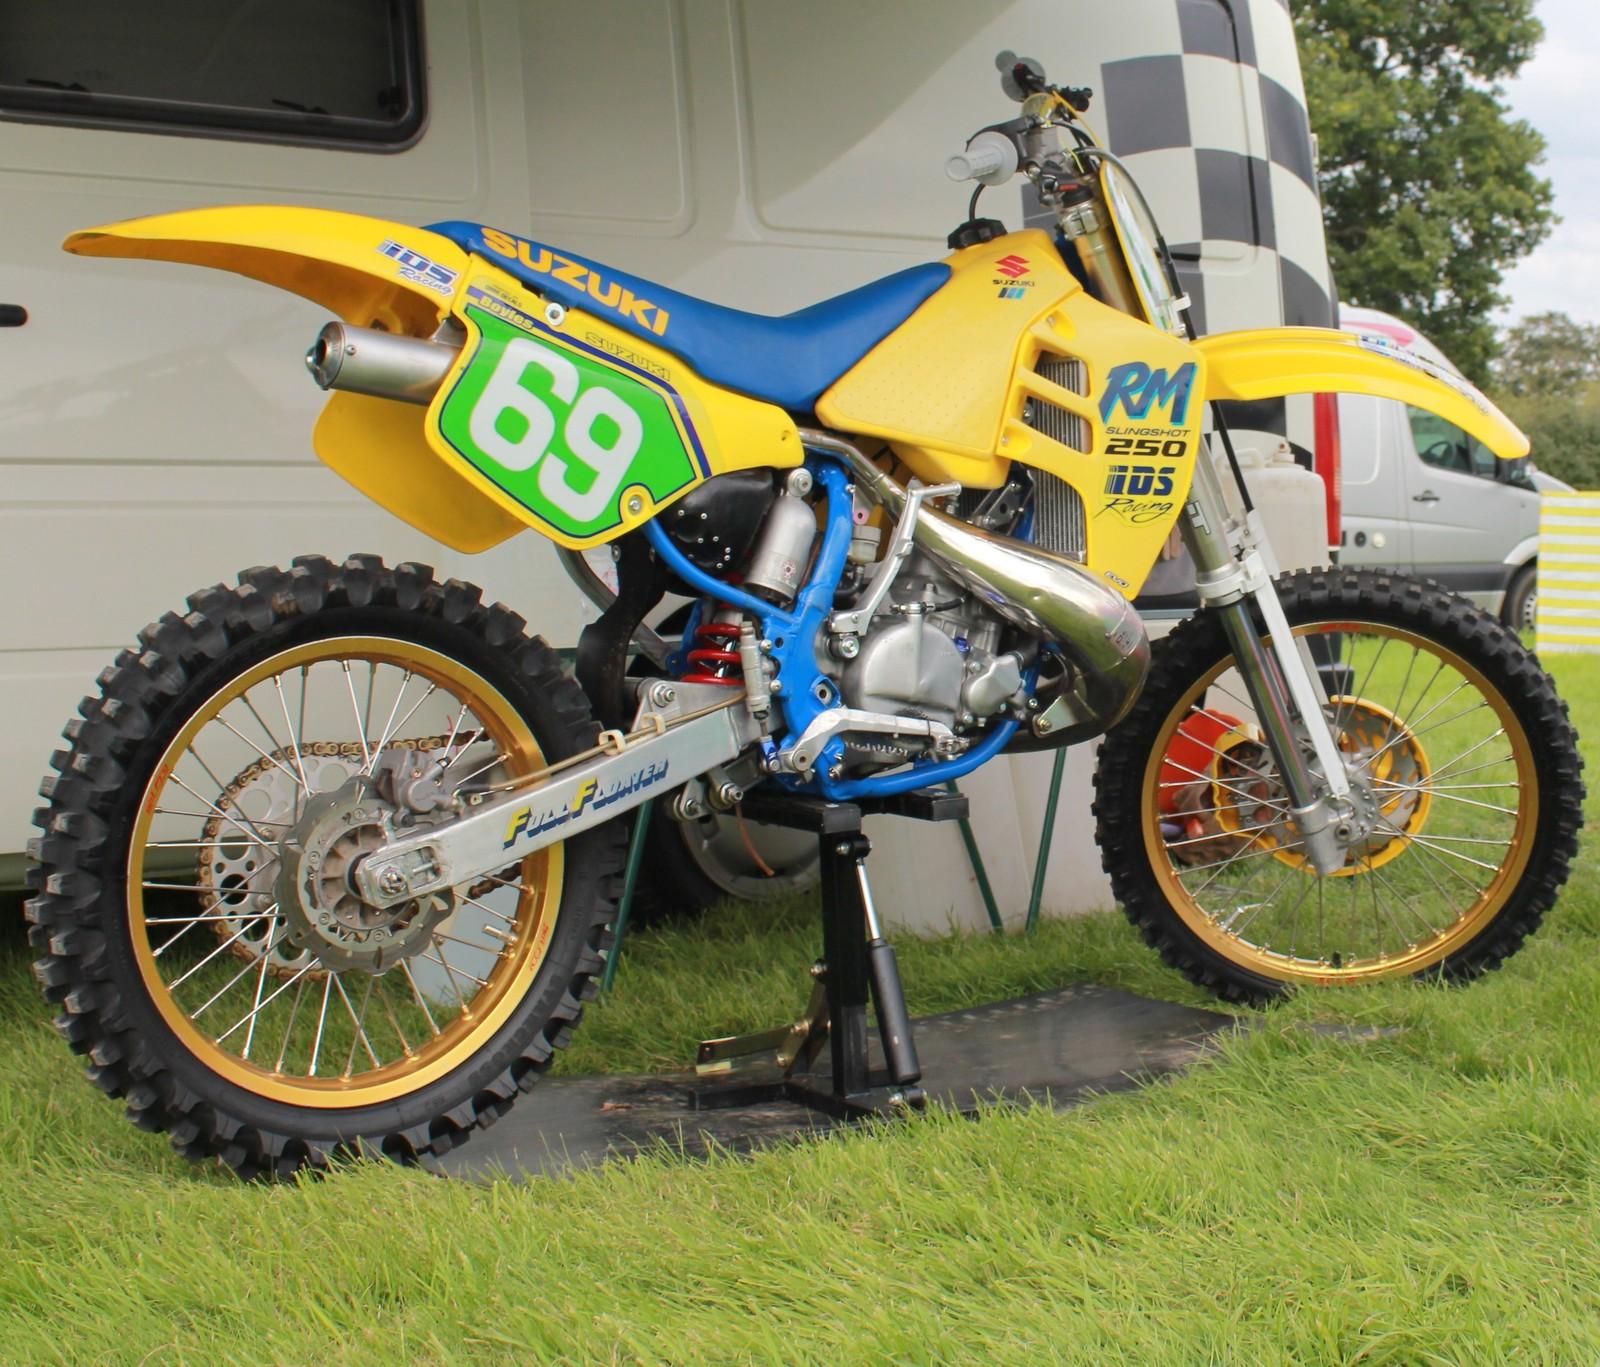 Suzuki RM250 1989